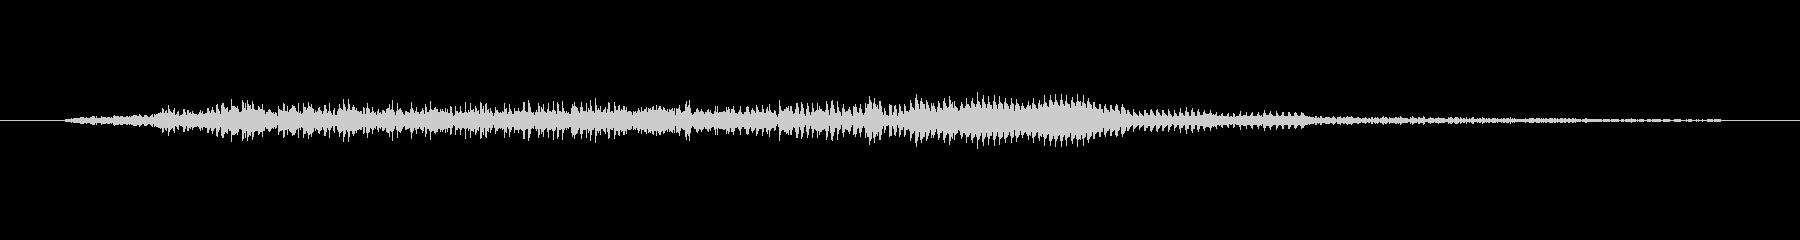 モンスター うなり声03の未再生の波形